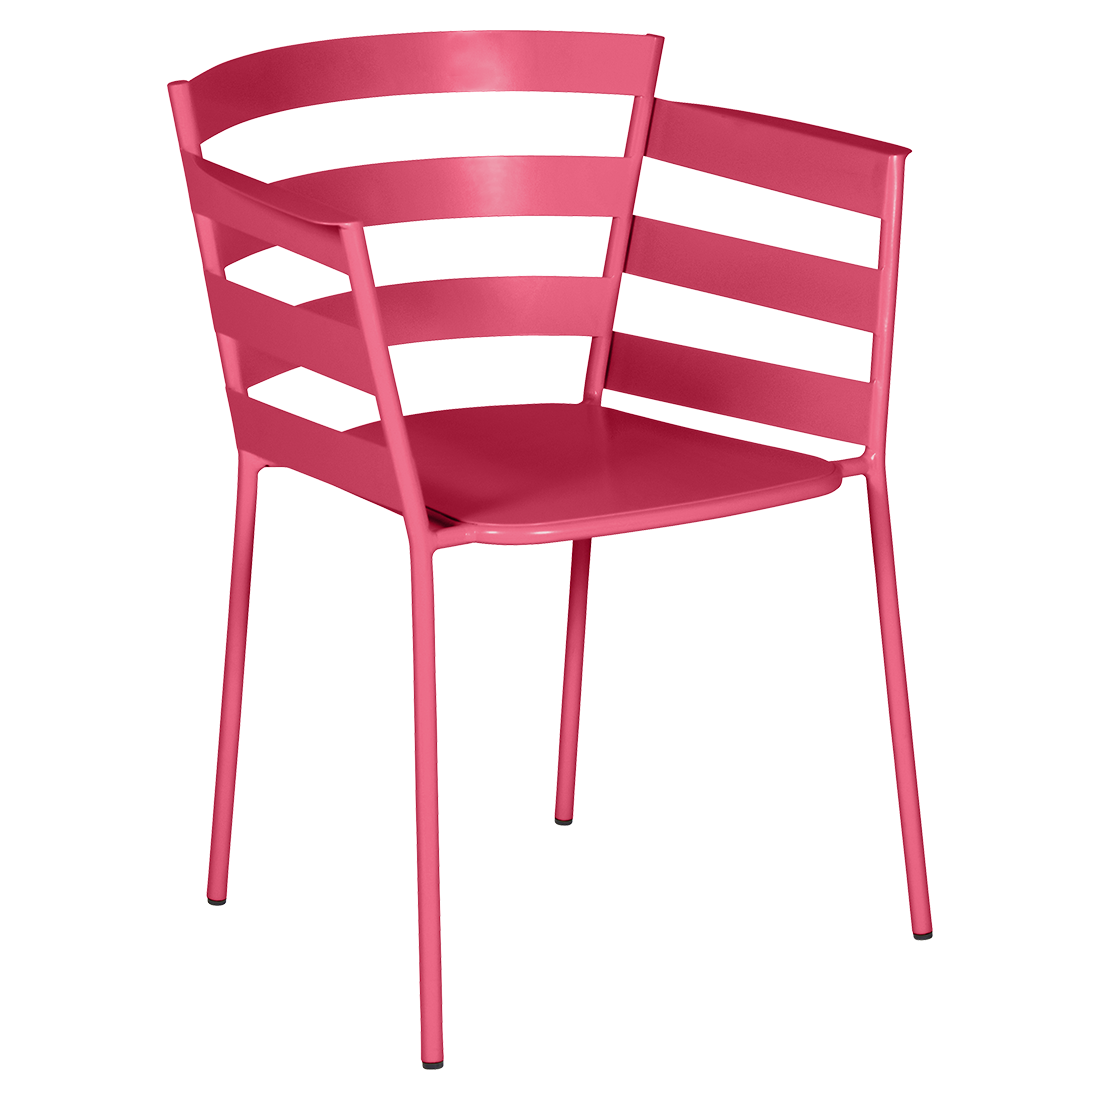 chaise metal design, chaise design, fauteuil de jardin, chaise metal, chaise fermob, fauteuil rose